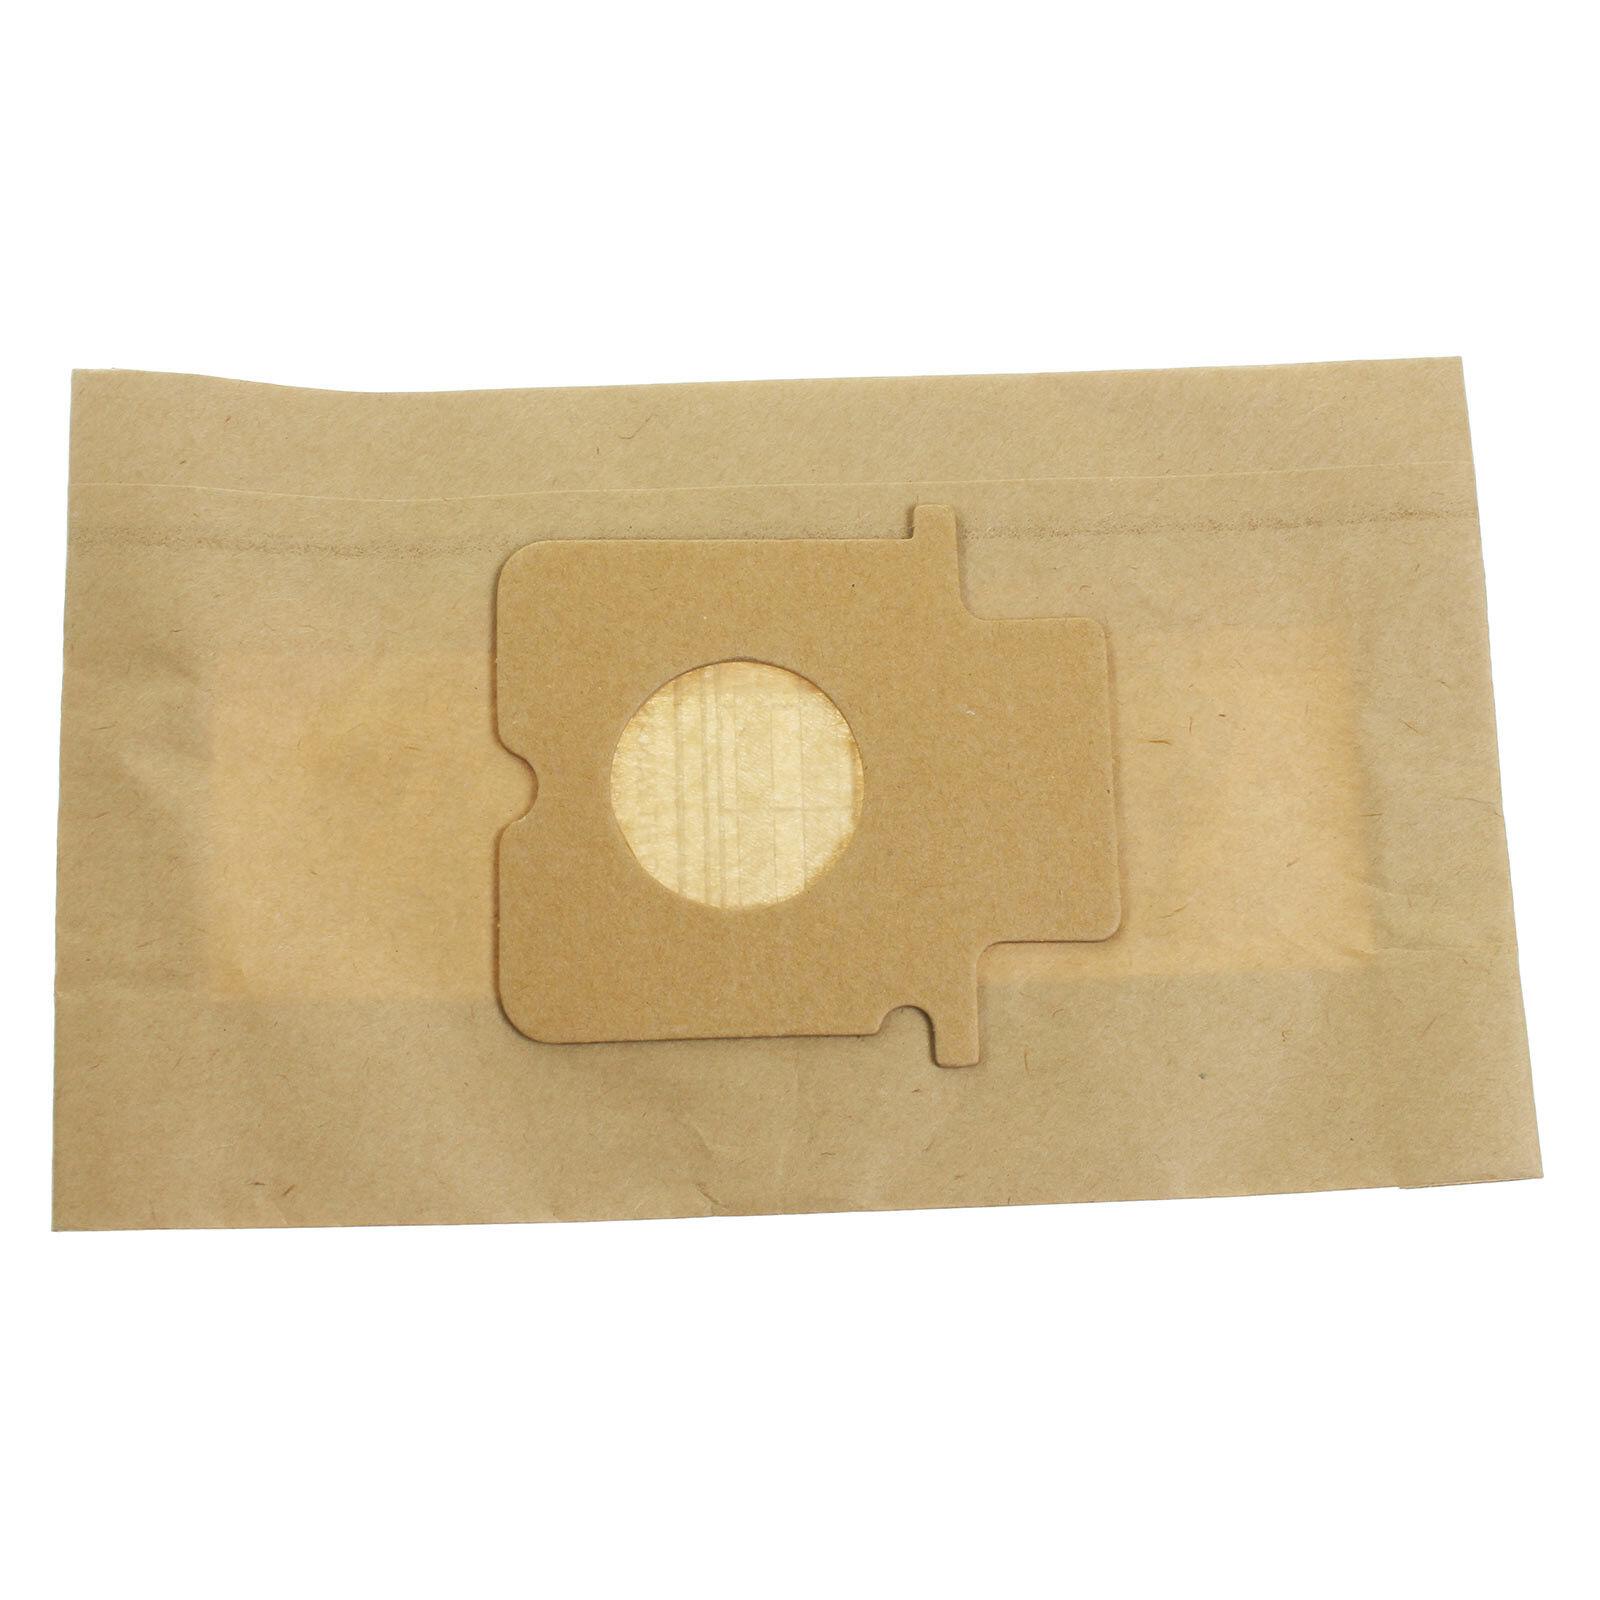 5 x c2e Hoover Sacchetti Per Panasonic mce862 mce863 mce864 UK STOCK